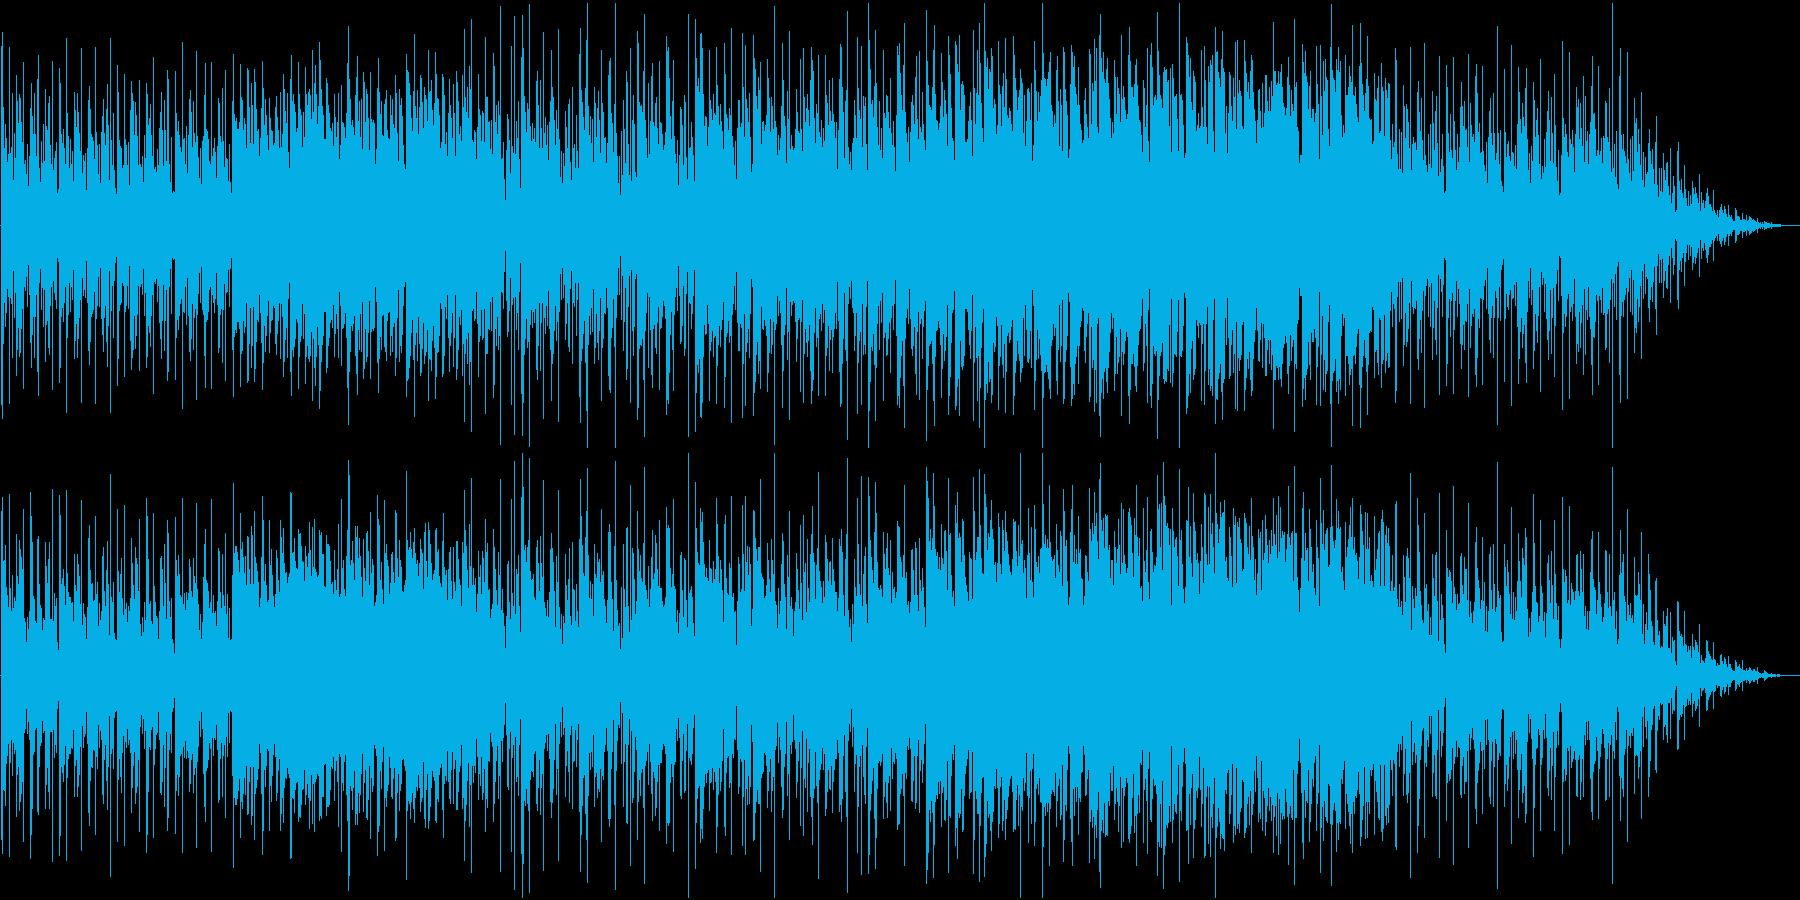 だるっとしたお洒落な雰囲気のBGMの再生済みの波形